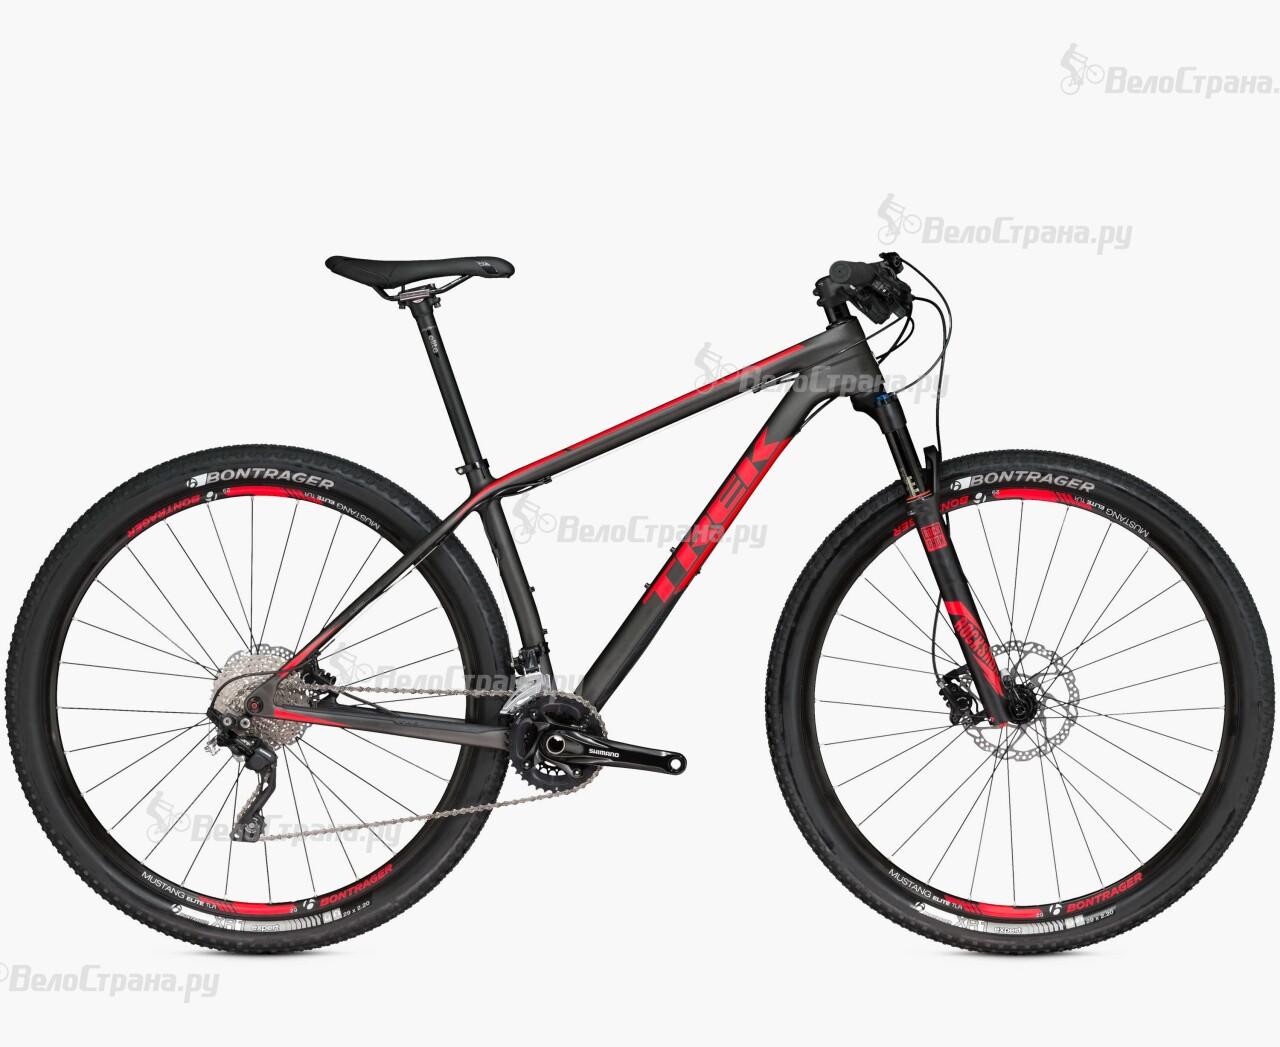 Велосипед Trek Superfly 9.6 29 (2016) велосипед trek superfly 8 29 2015